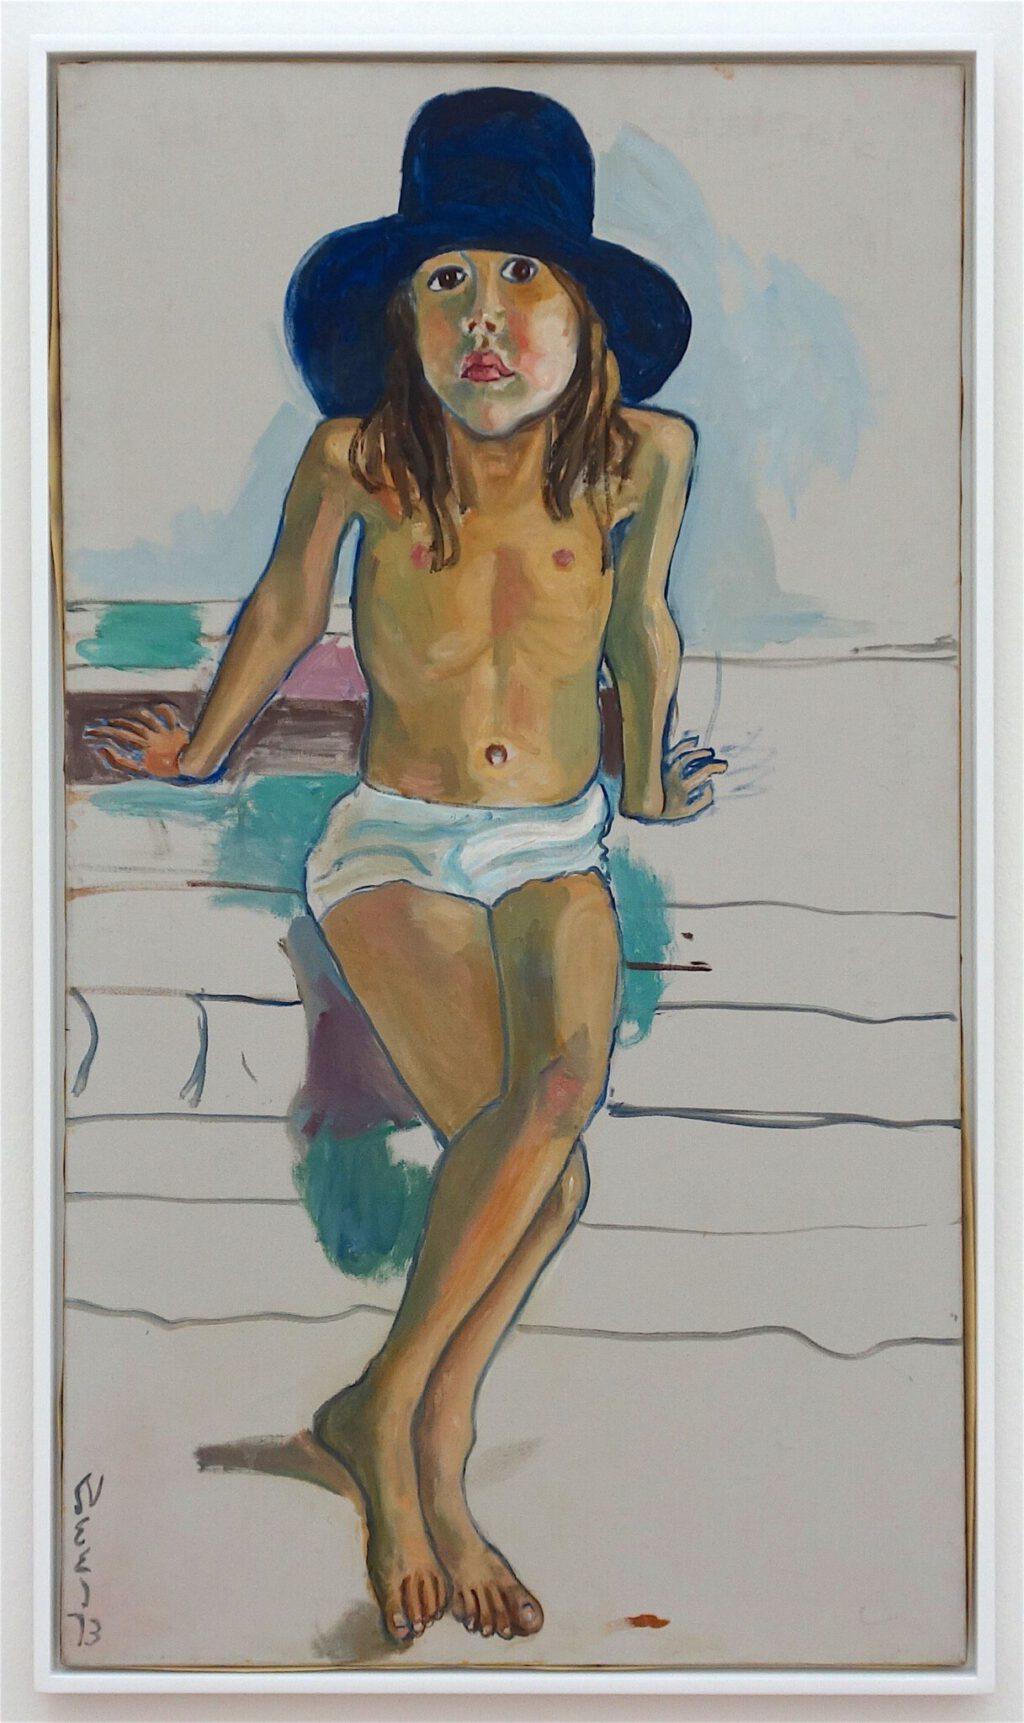 アリス・ニール「青い帽子のオリビア」油絵、1973年